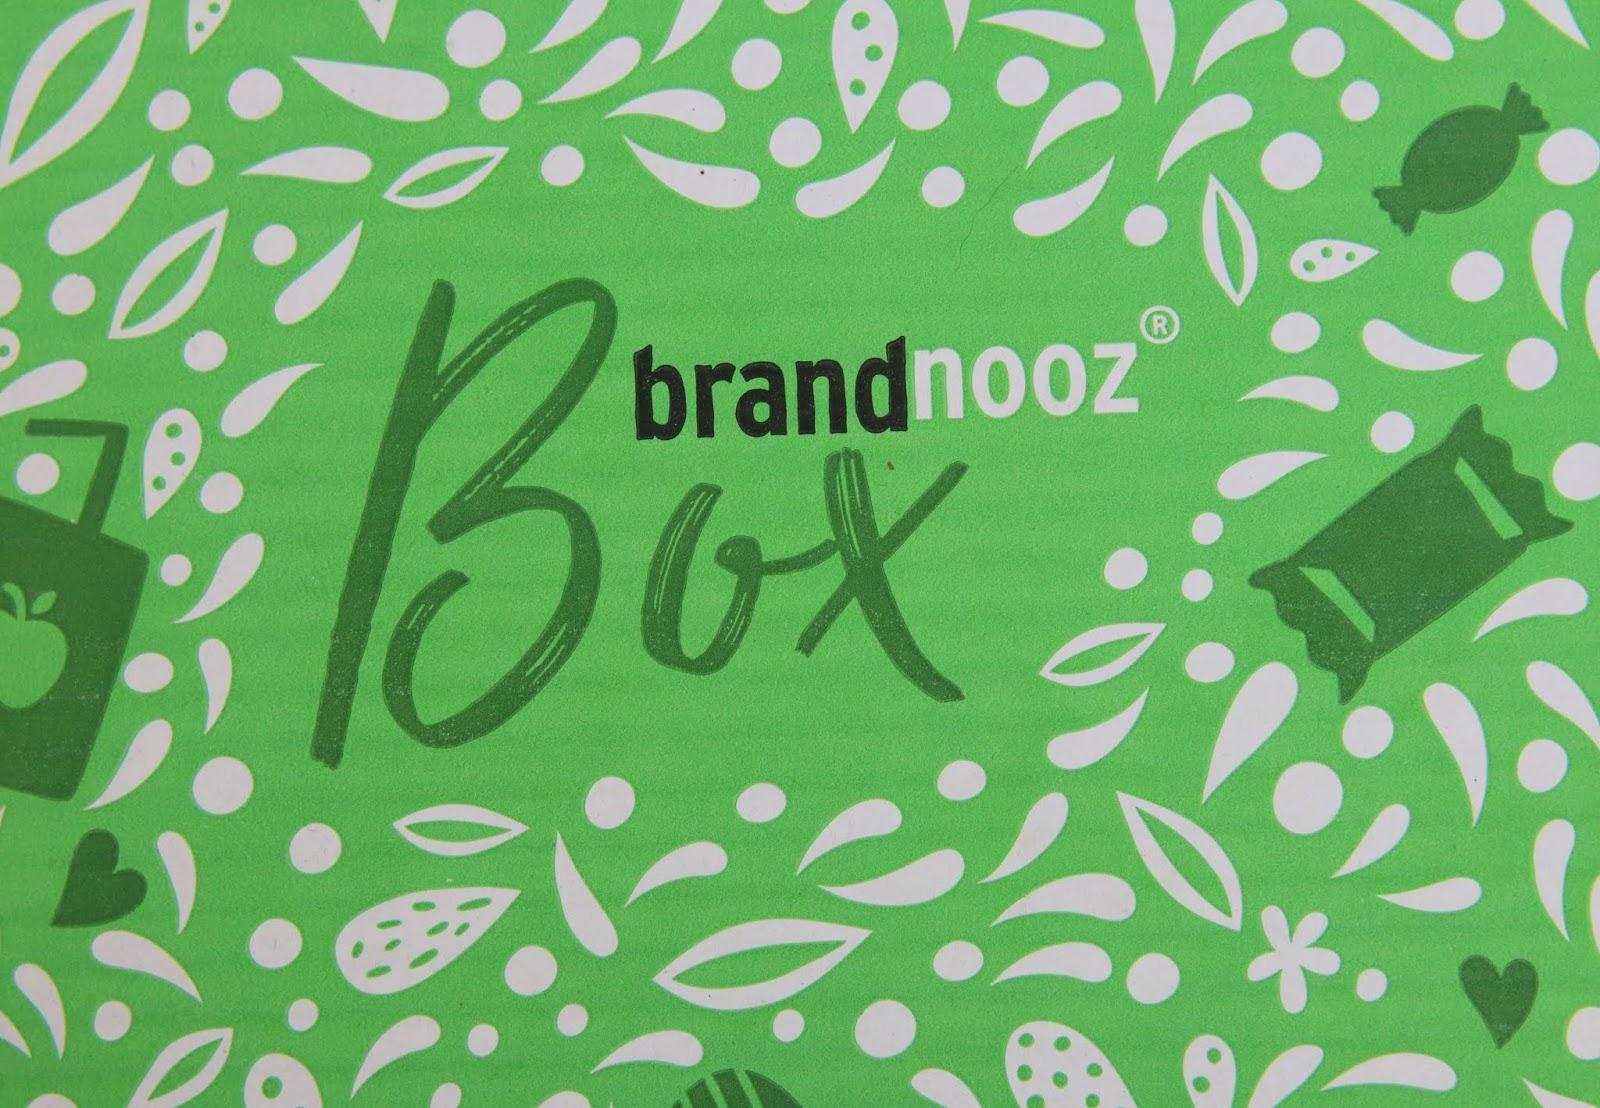 brandnooz box, classic box januar 2020, review, abo, erfahrung, probier was neues, neue lebensmittel, kochen, ernährung, unboxing, rezepte, süßigkeiten, getränke, genießen, einkaufsliste, food blogger,